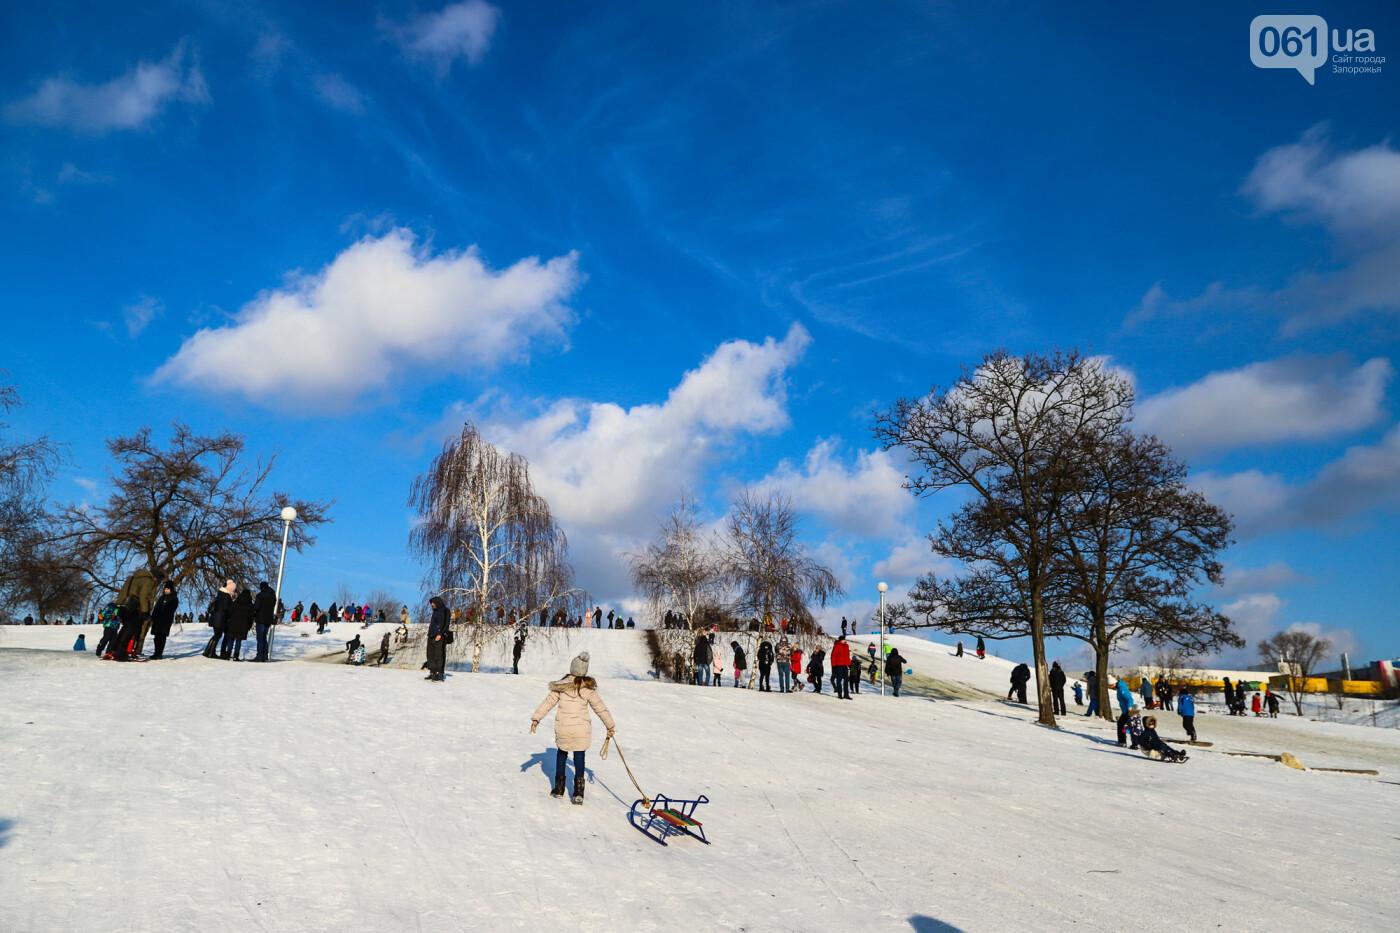 На санках, лыжах и сноуборде: запорожцы устроили массовое катание с горок в Вознесеновском парке, - ФОТОРЕПОРТАЖ, фото-34